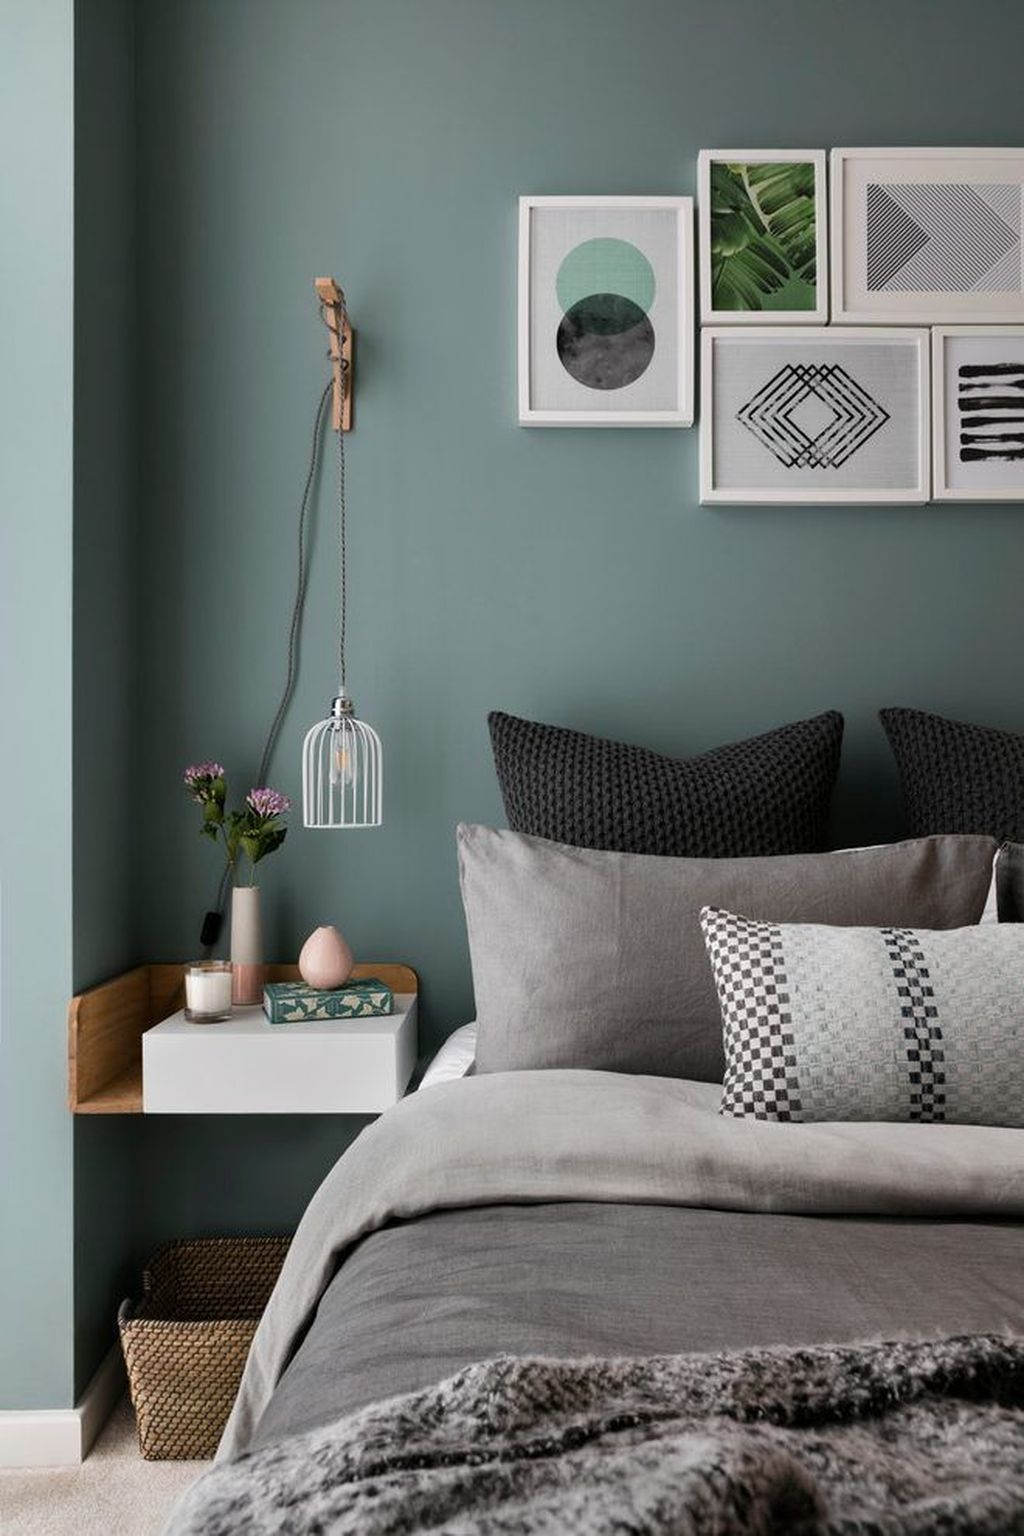 The Best Scandinavian Bedroom Interior Design Ideas 32